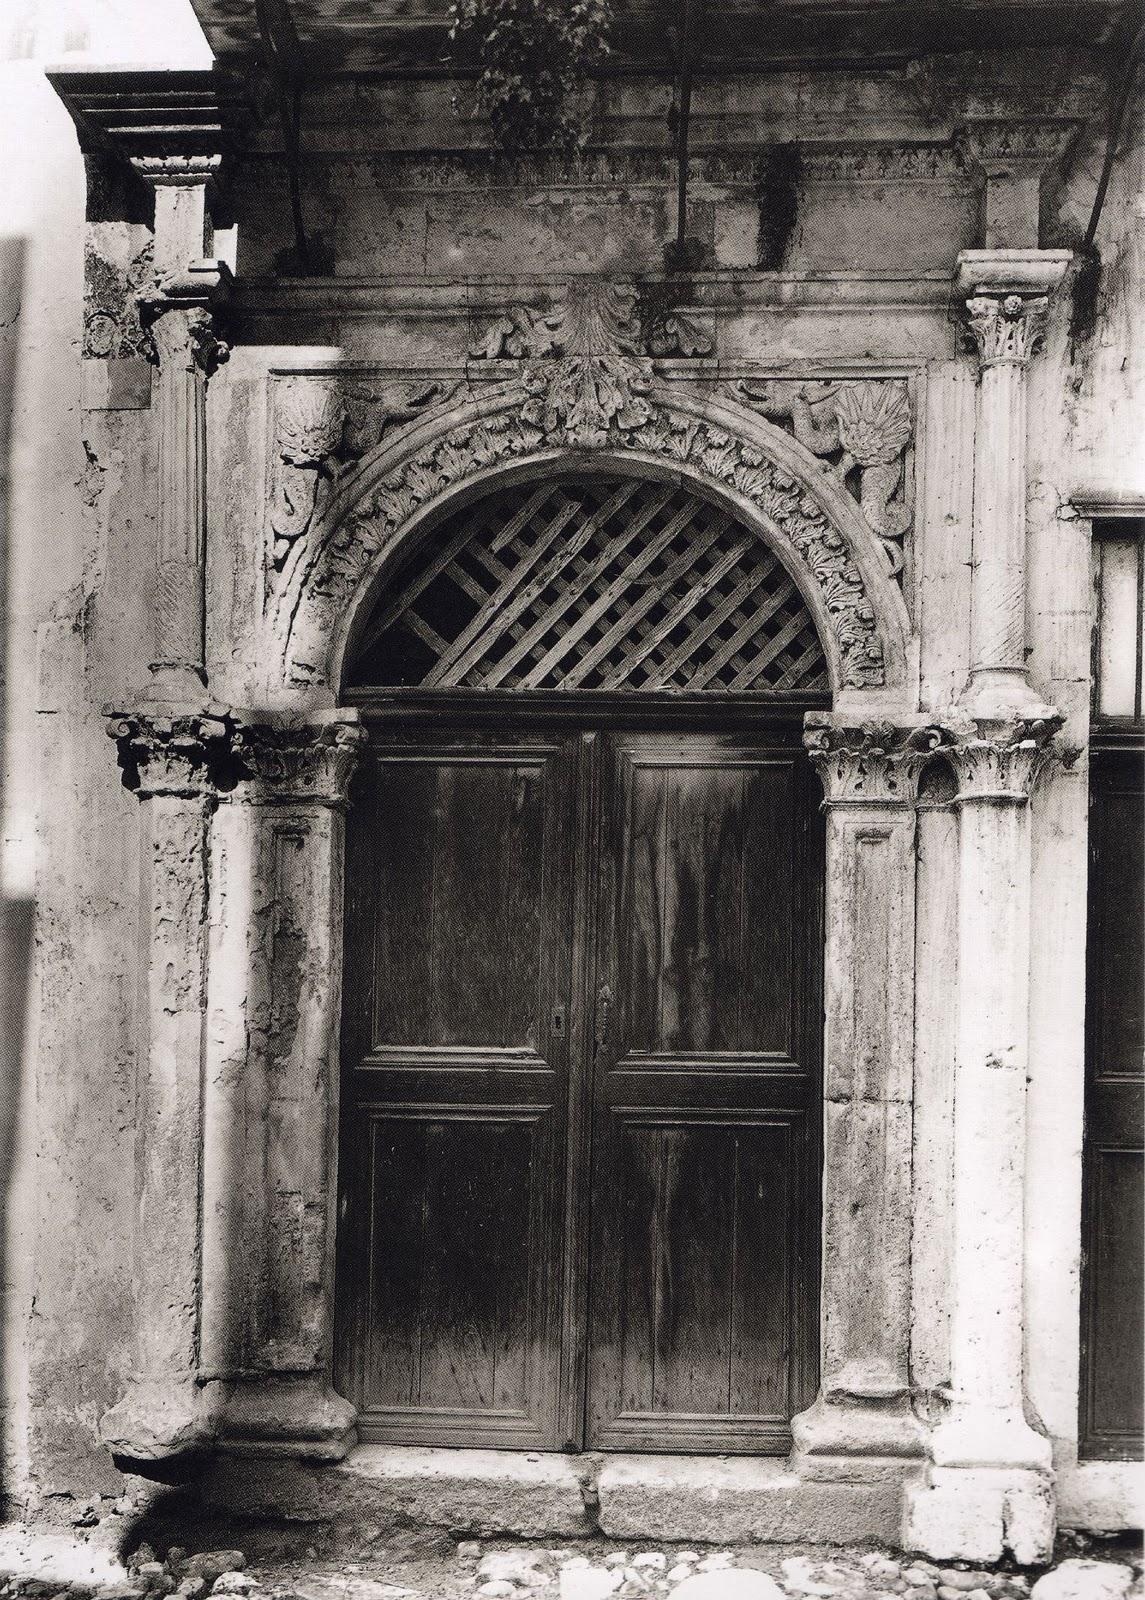 Χανιά - Βενετσιάνικη πόρτα - 1920